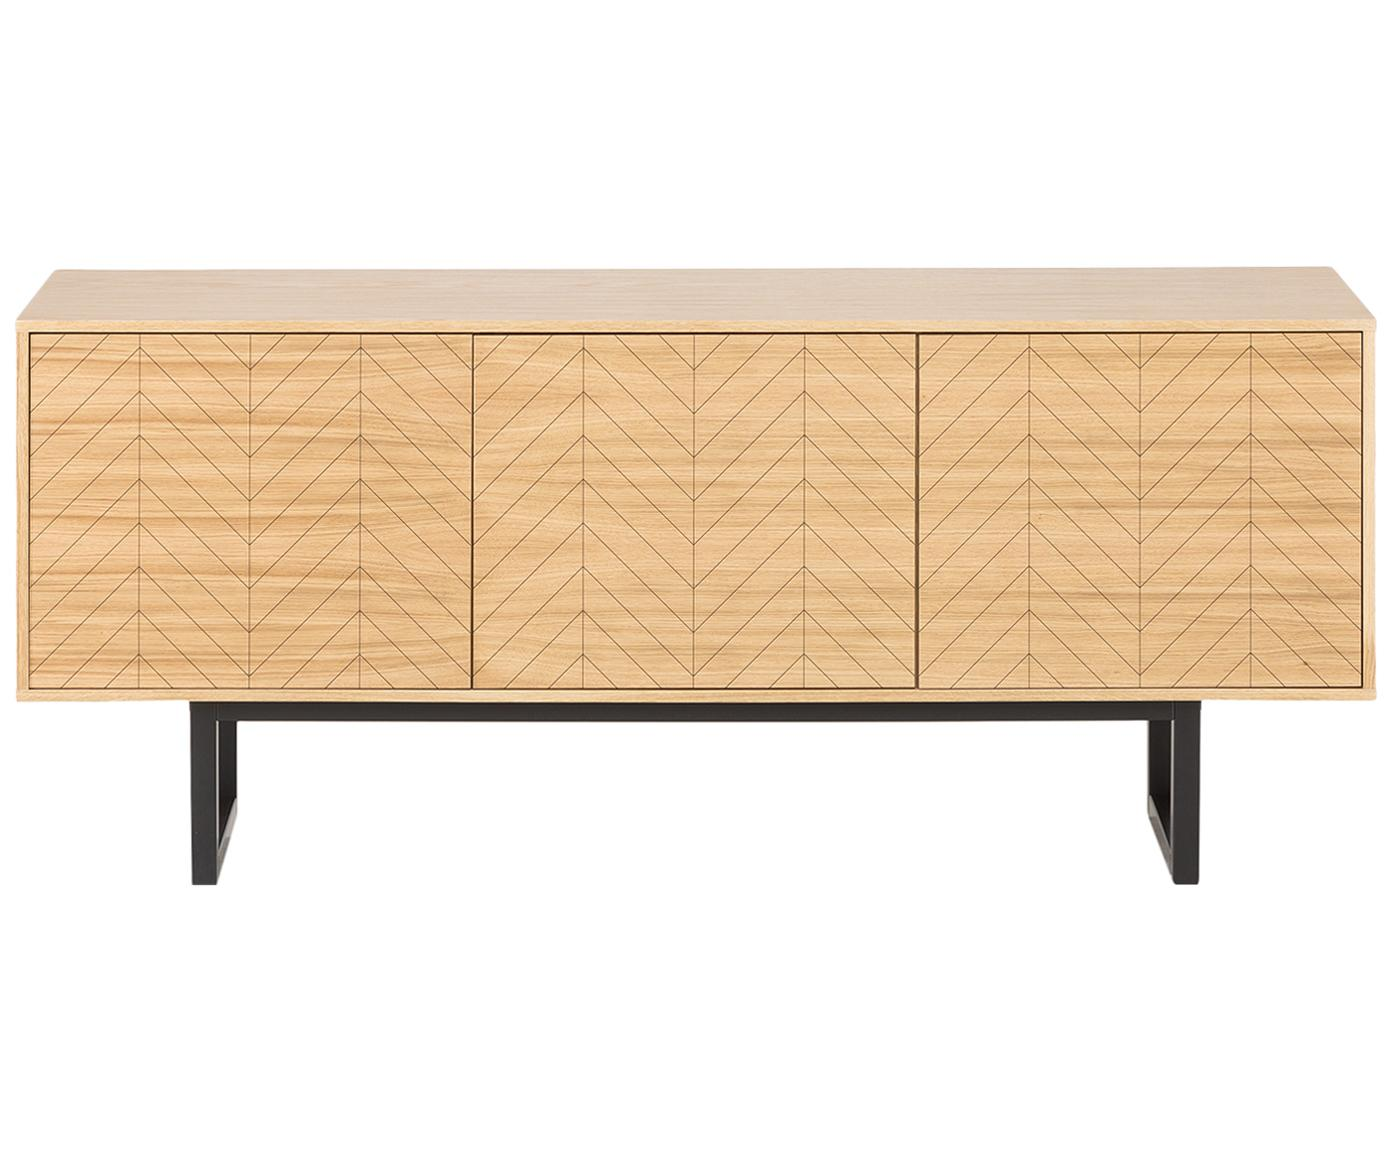 Credenza di design con finitura in quercia Camden, Piedini: legno di betulla vernicia, Legno di quercia, Larg. 175 x Alt. 75 cm